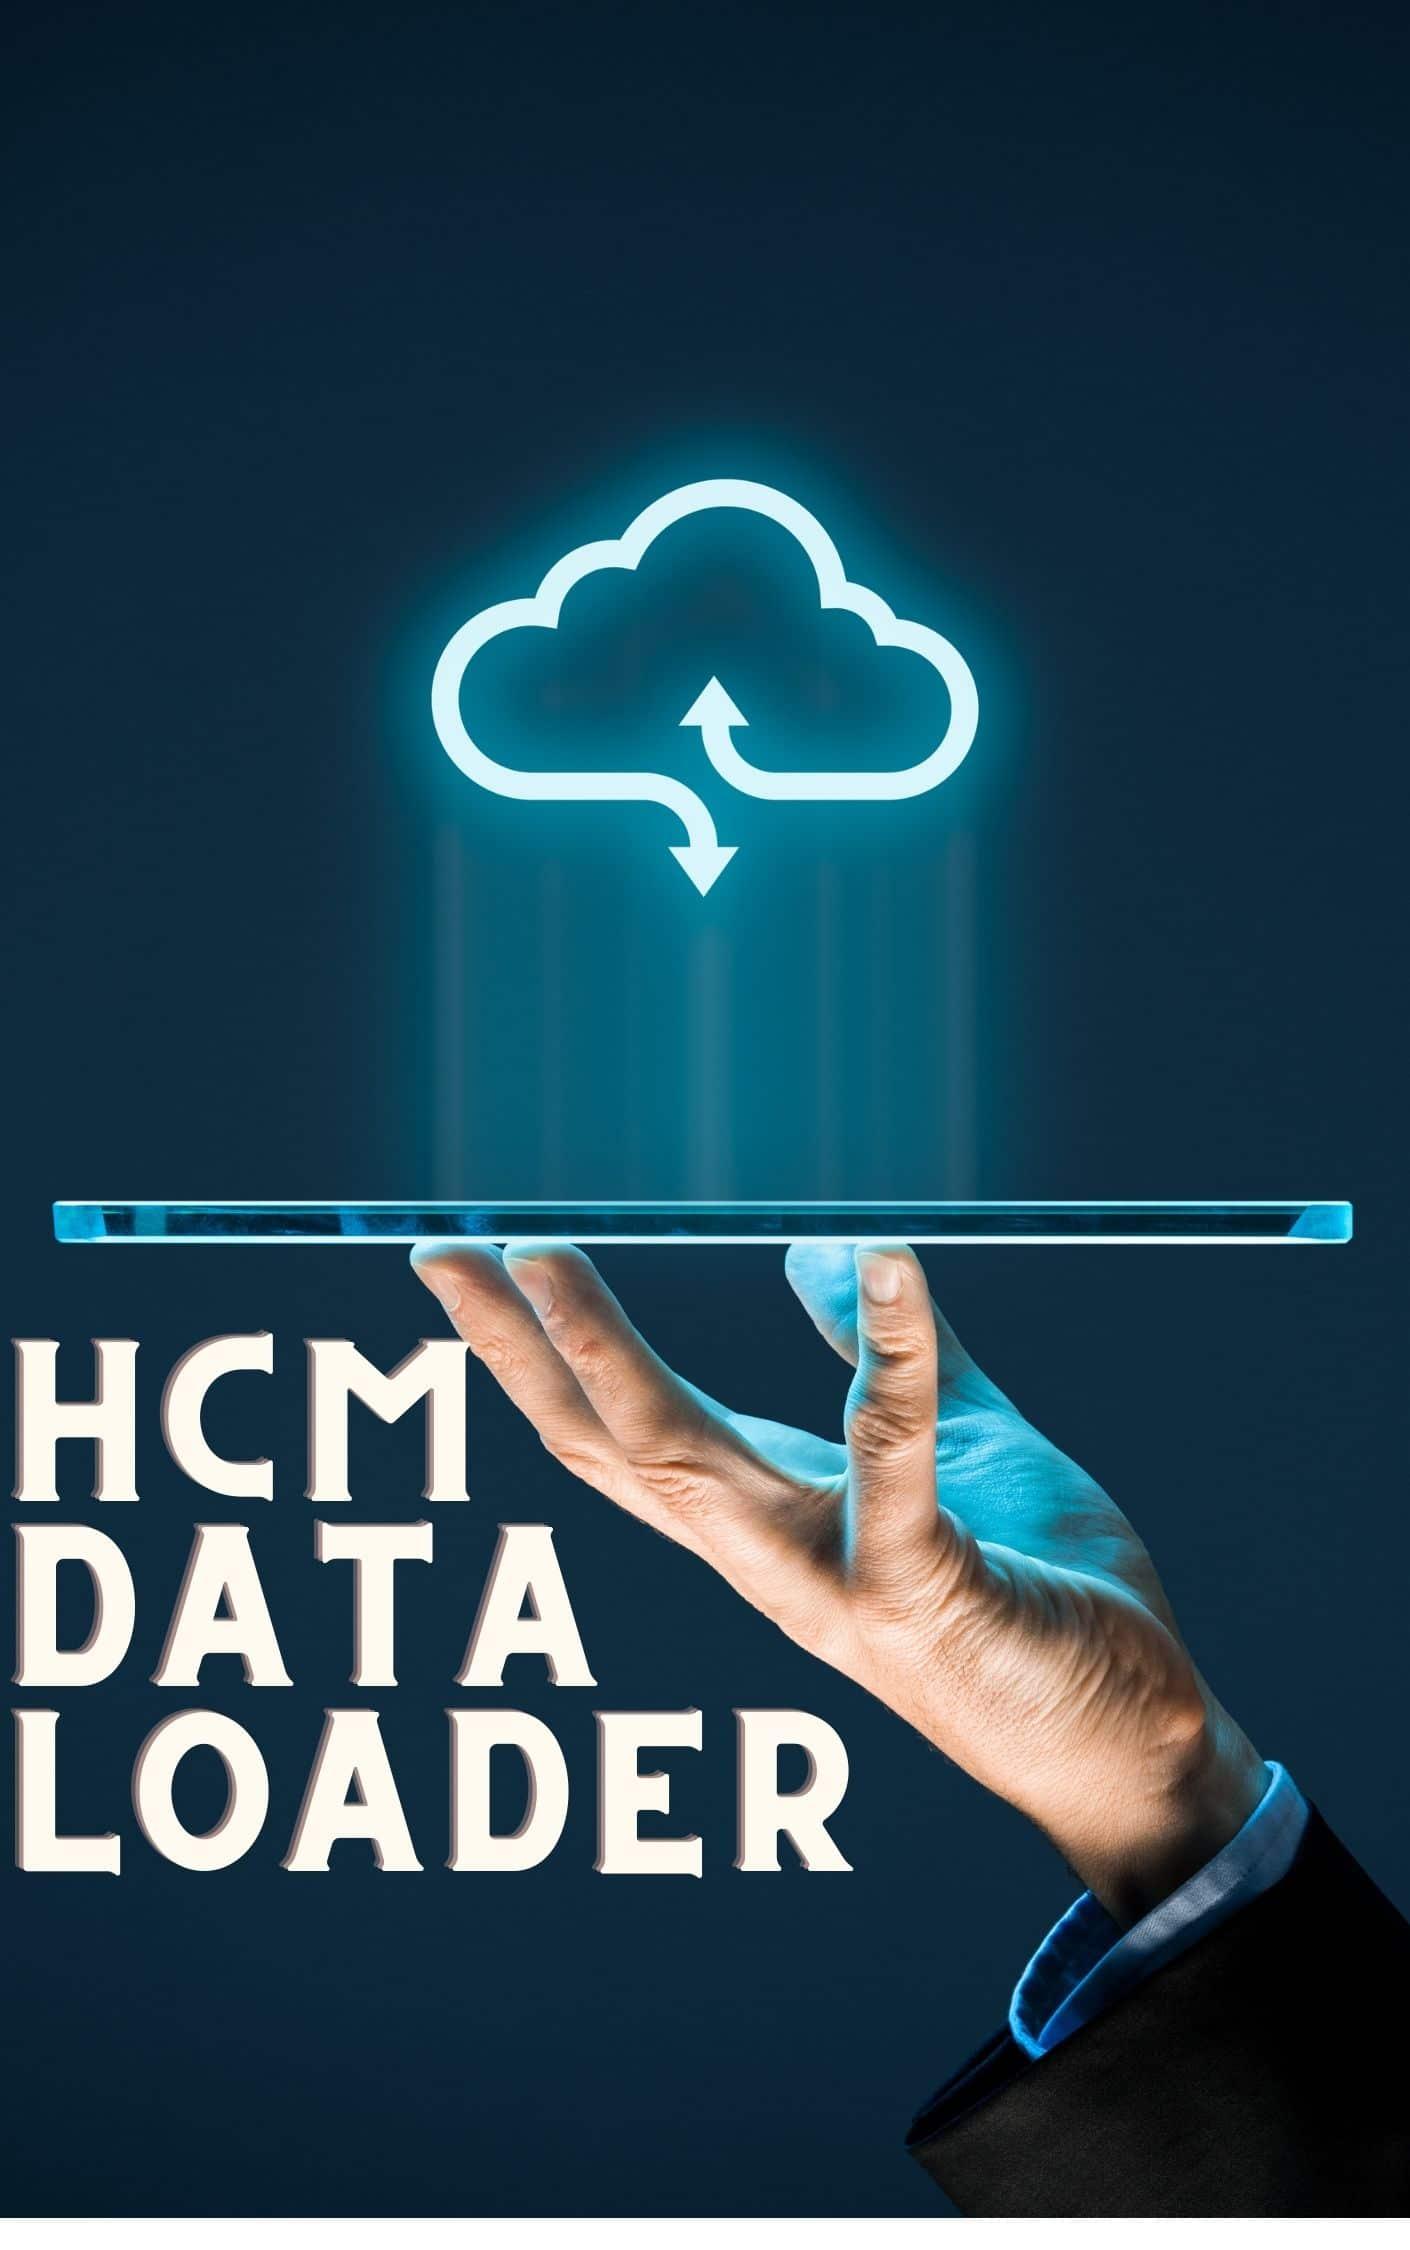 HCM DATA LOADER 1 - Homepage